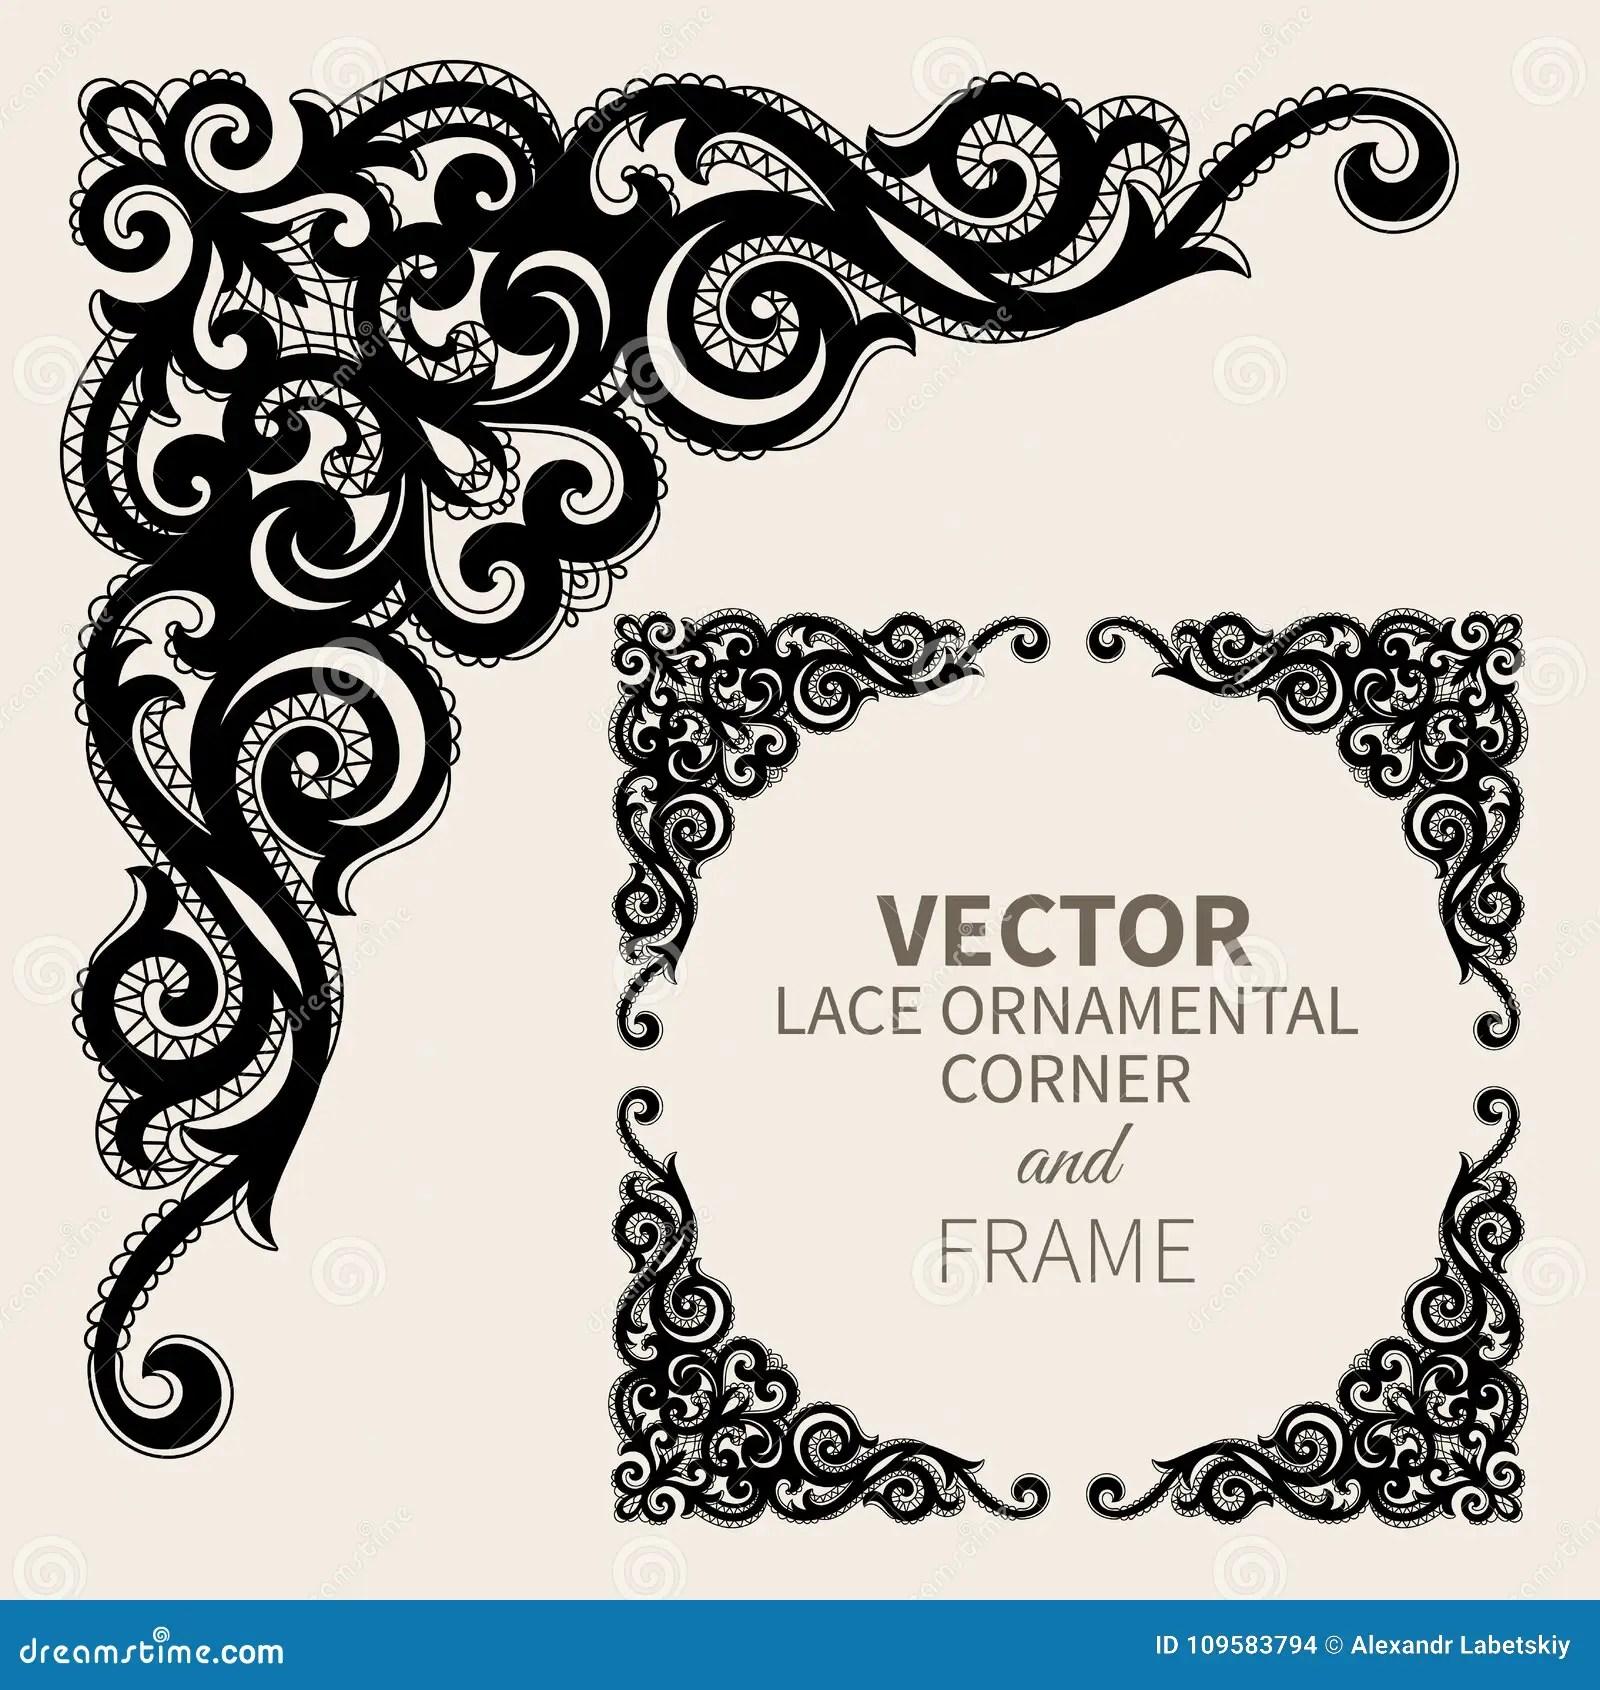 https www dreamstime com floral frame border decorative lace design element fancy page ornament vector illustration vector ornamental corner frame image109583794